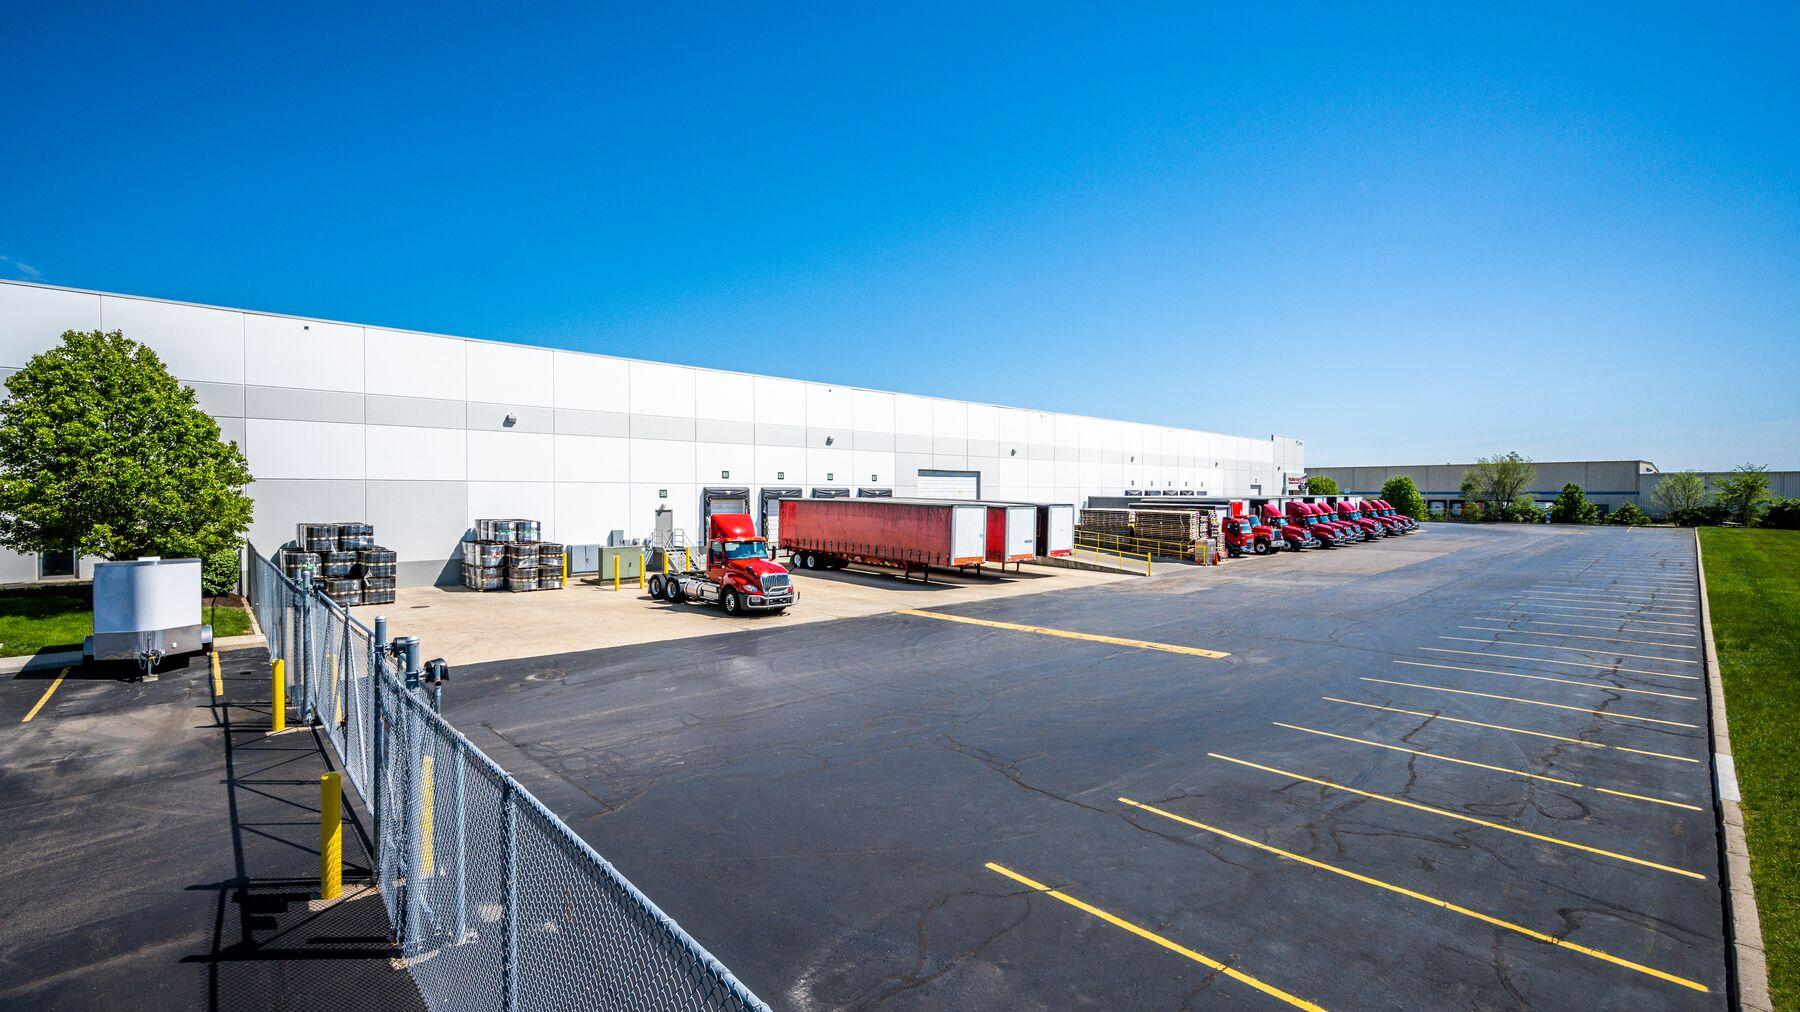 DPM-2939-2979-Crescentville-Rd-Sharonville-OH-210501-8-5.jpg